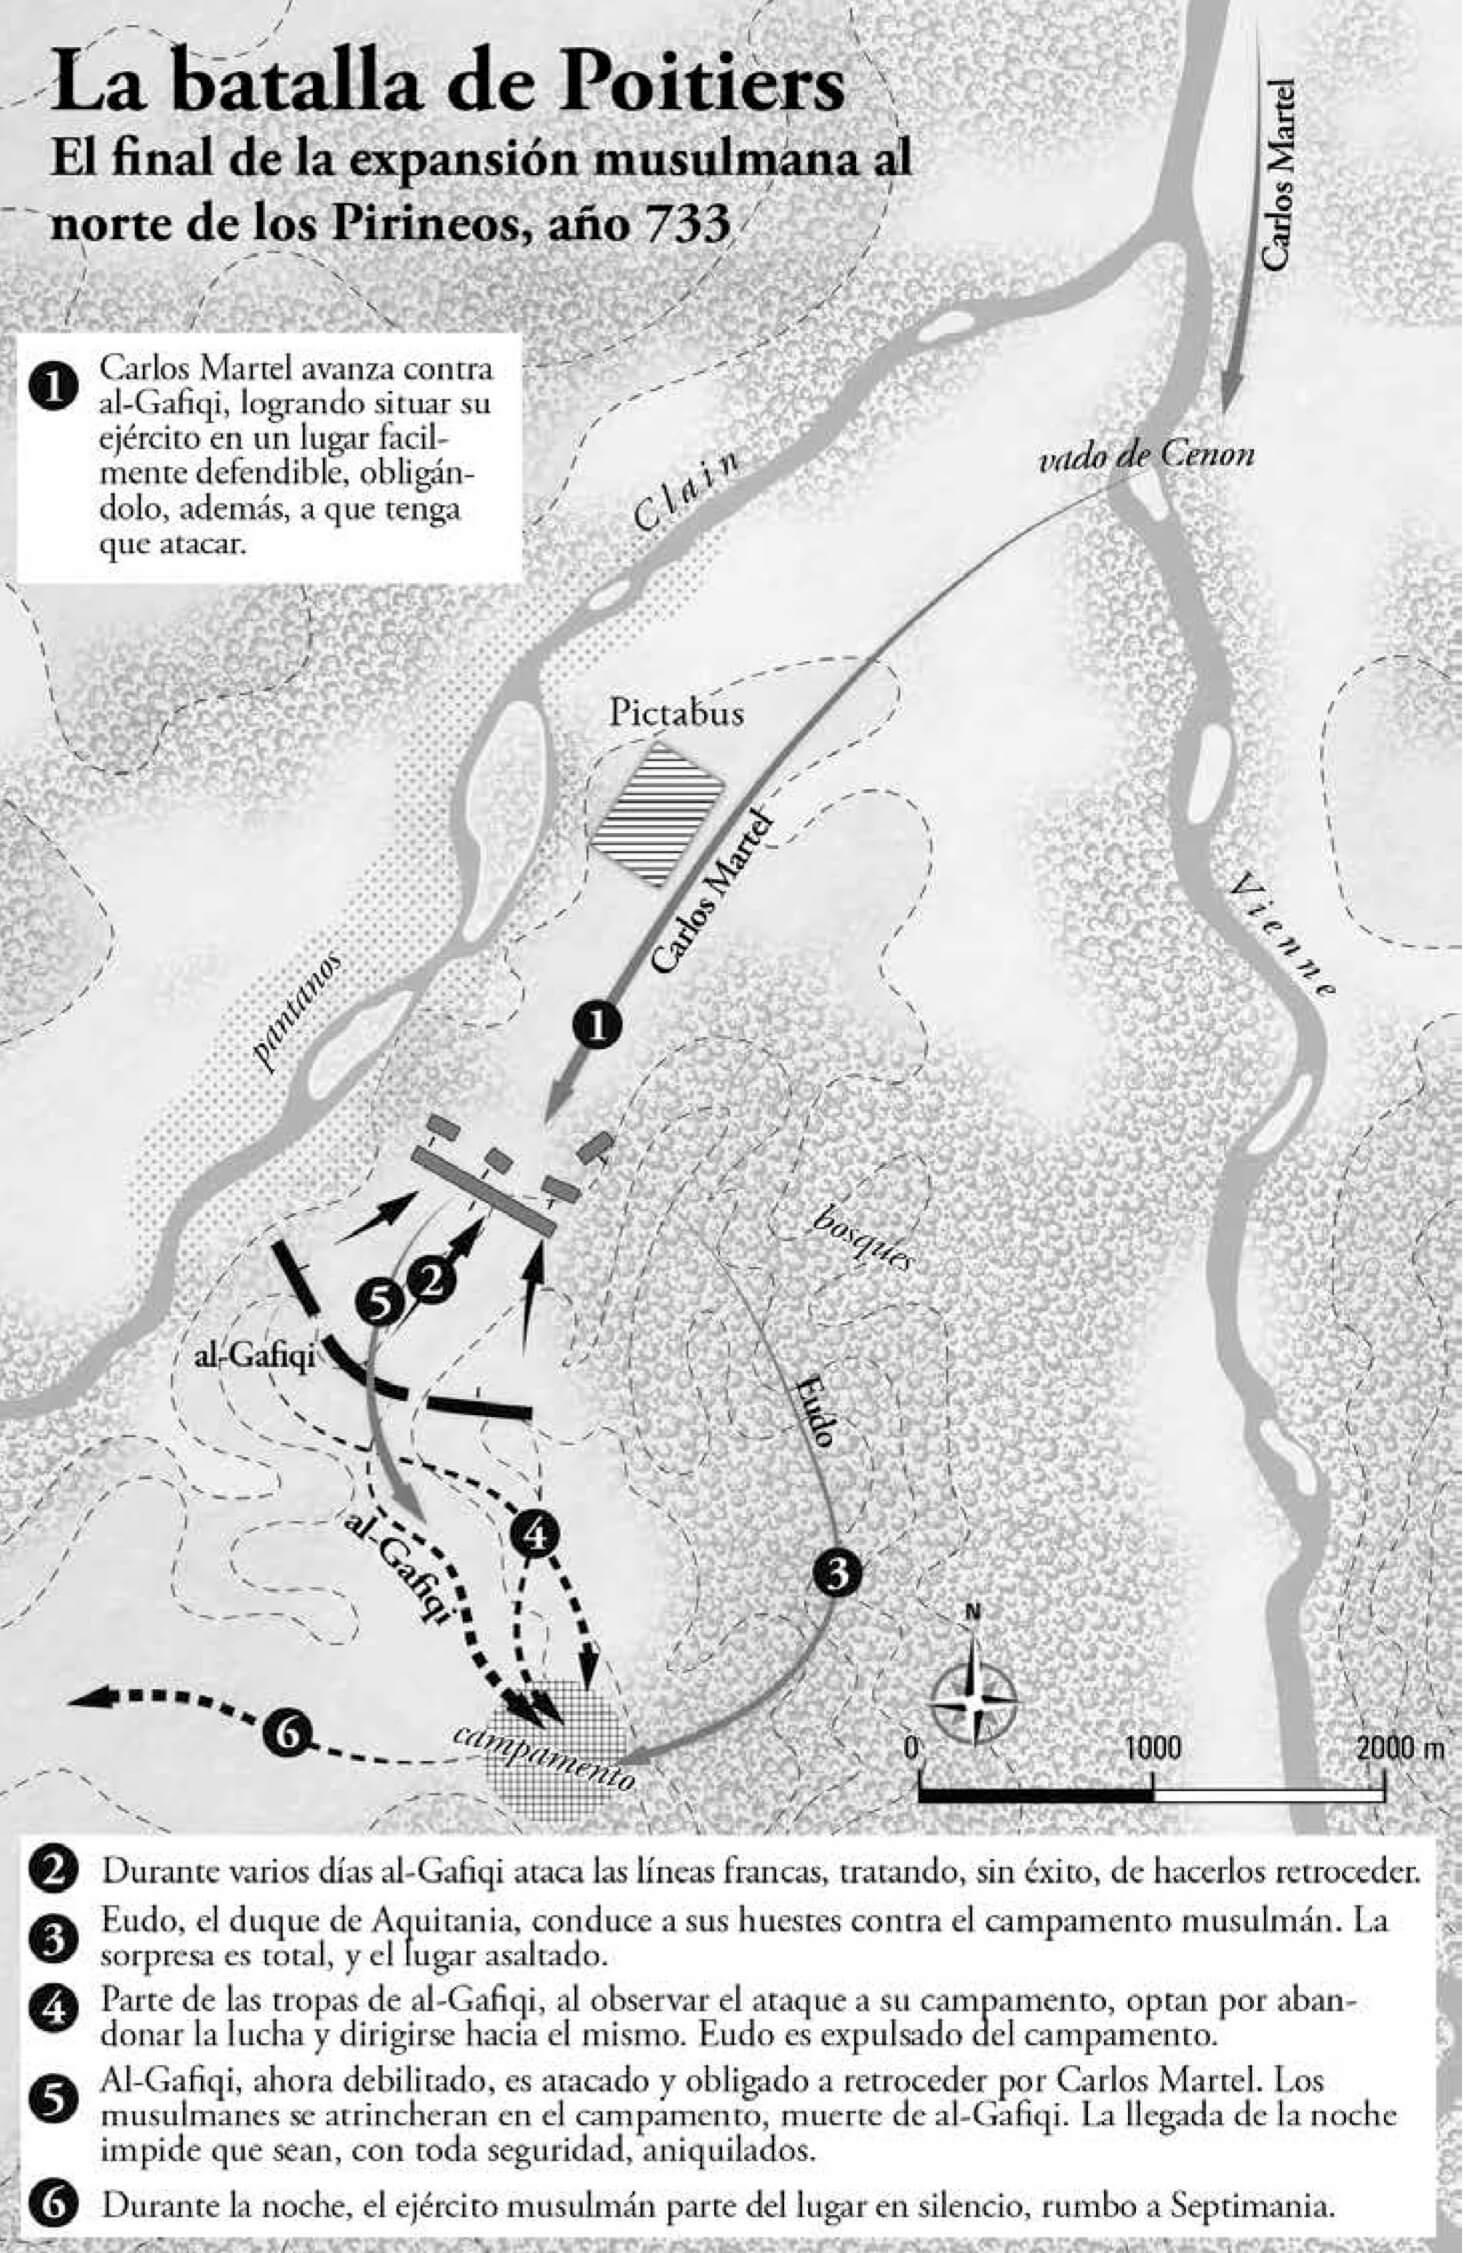 mapa batalla de Poitiers 732 733